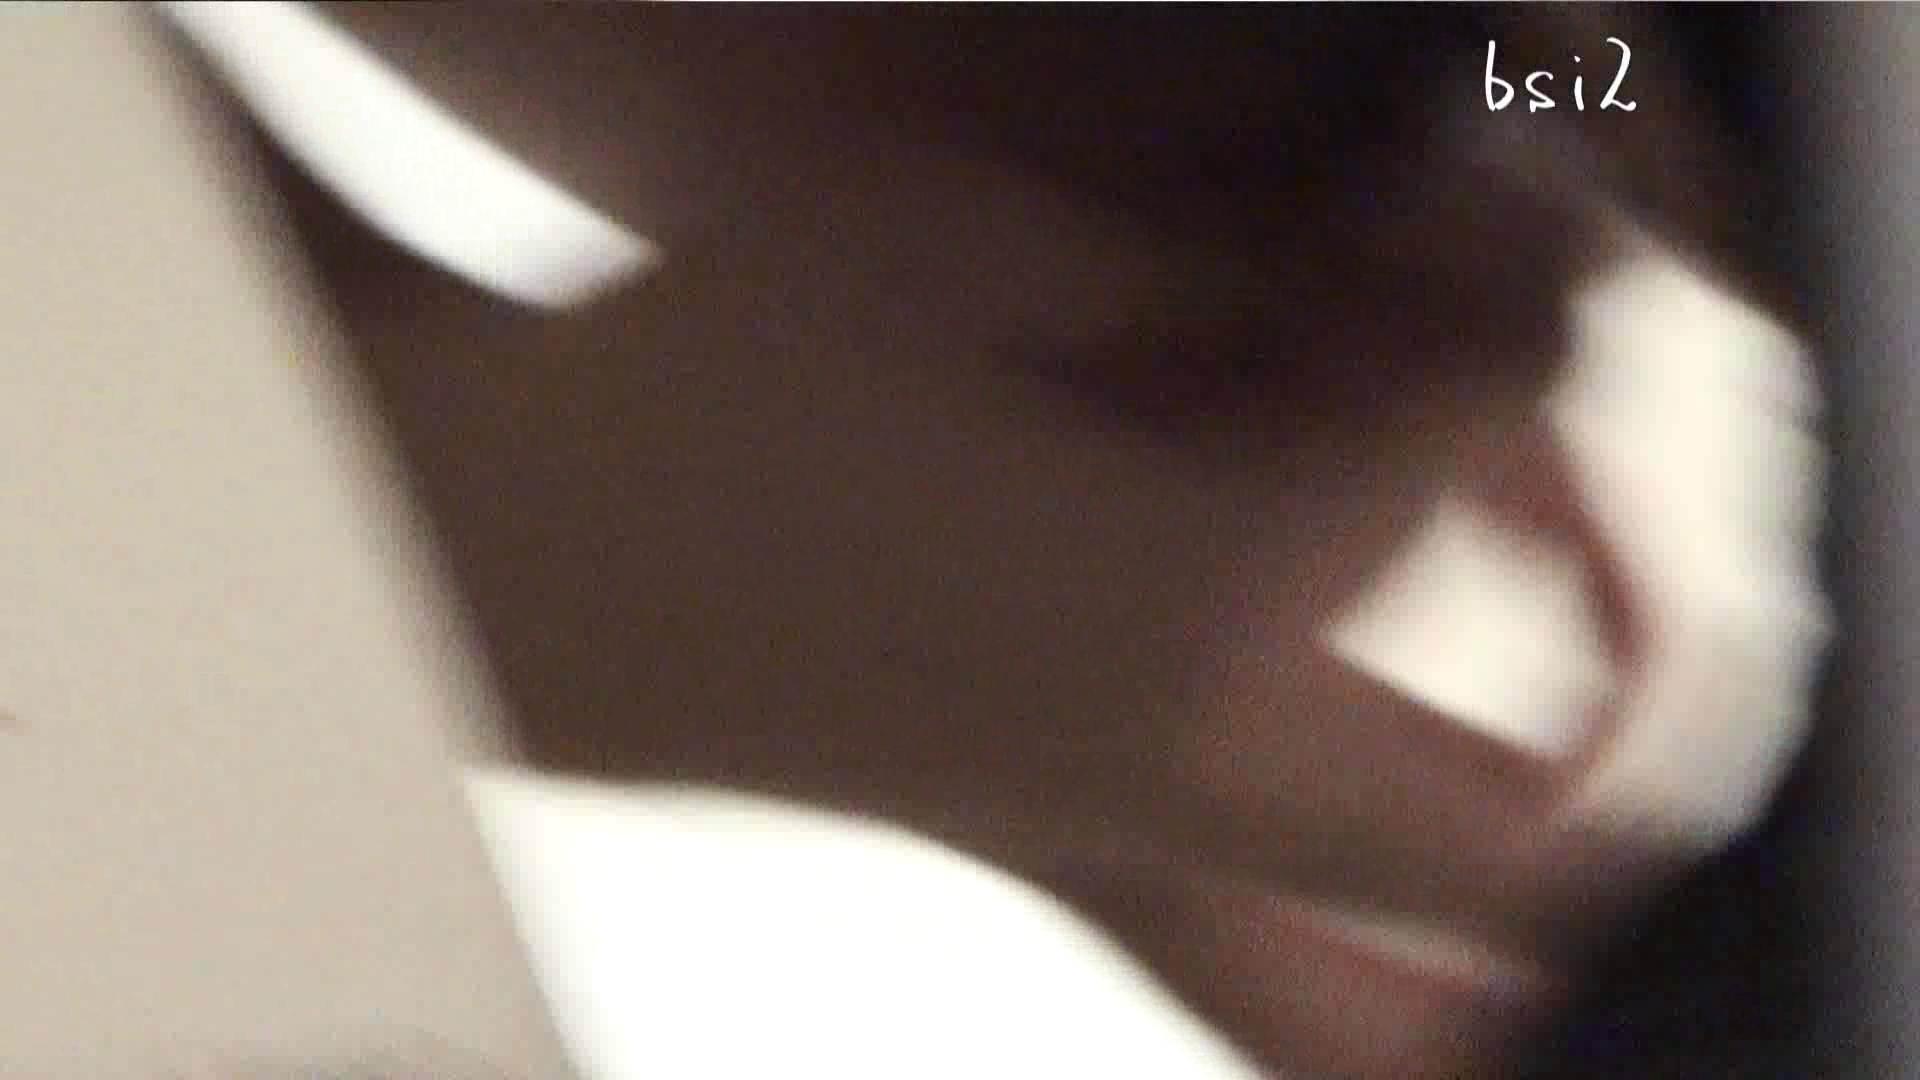 ナースのお小水 vol.002 お姉さんの下半身 | ナースのエロ動画  106PIX 31